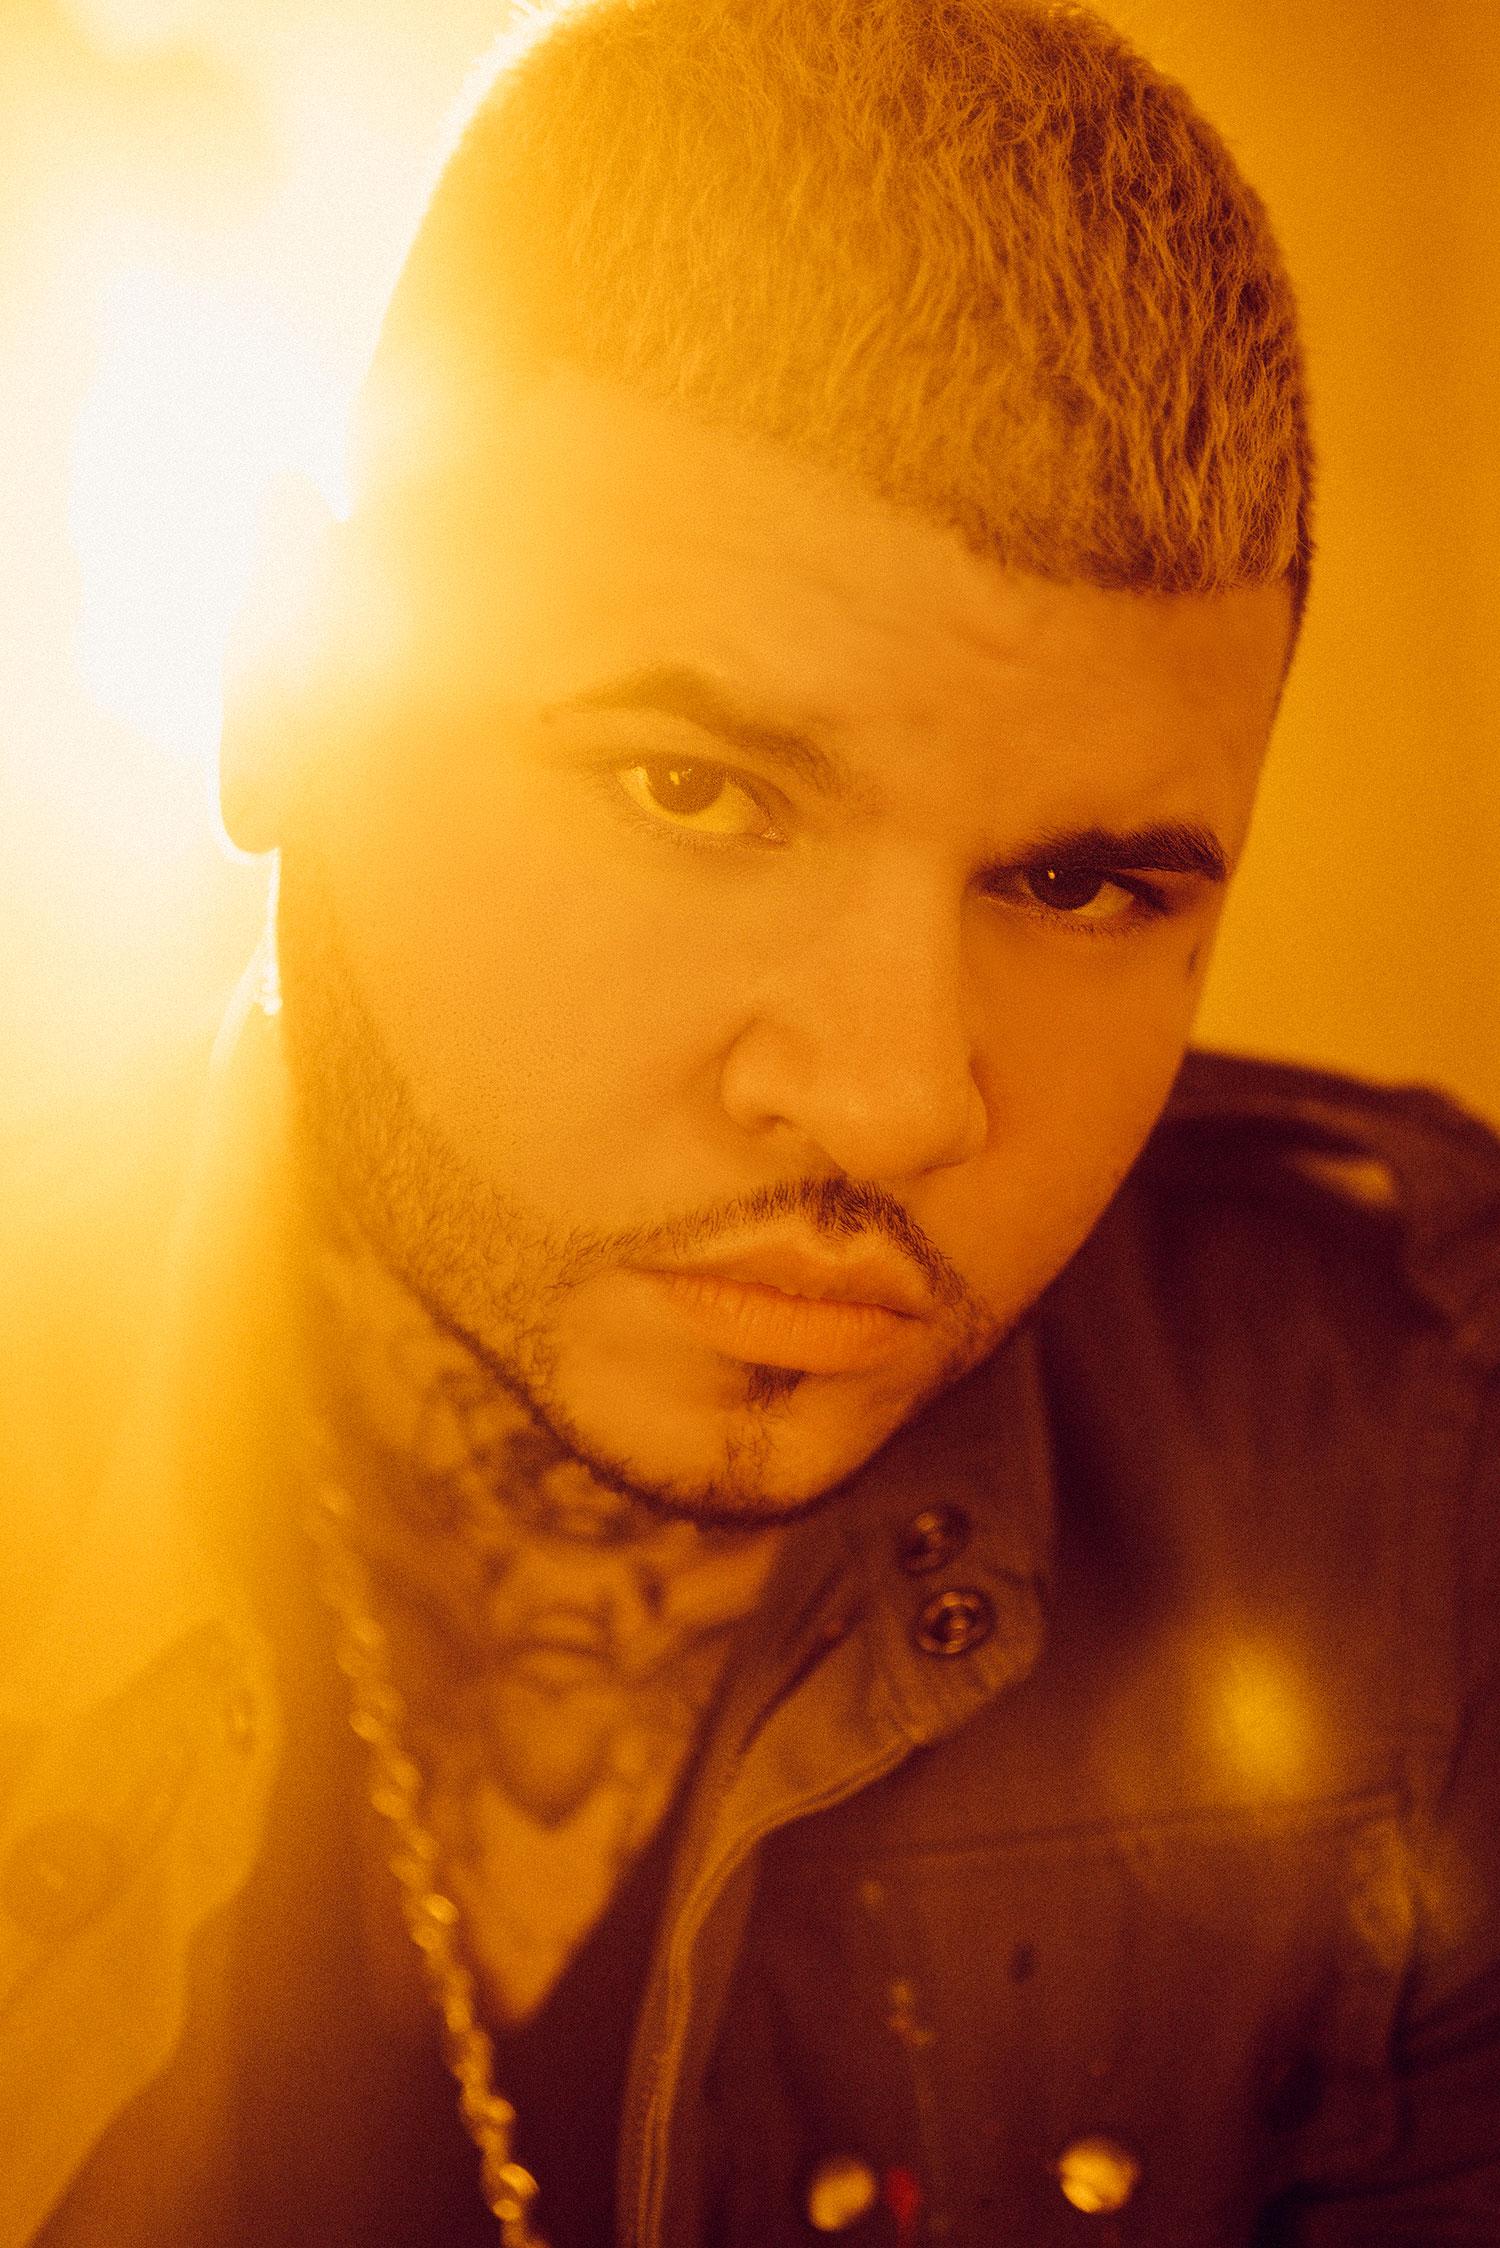 Imagen de Farruko músico del género Reggaeton activo en Los 2000s